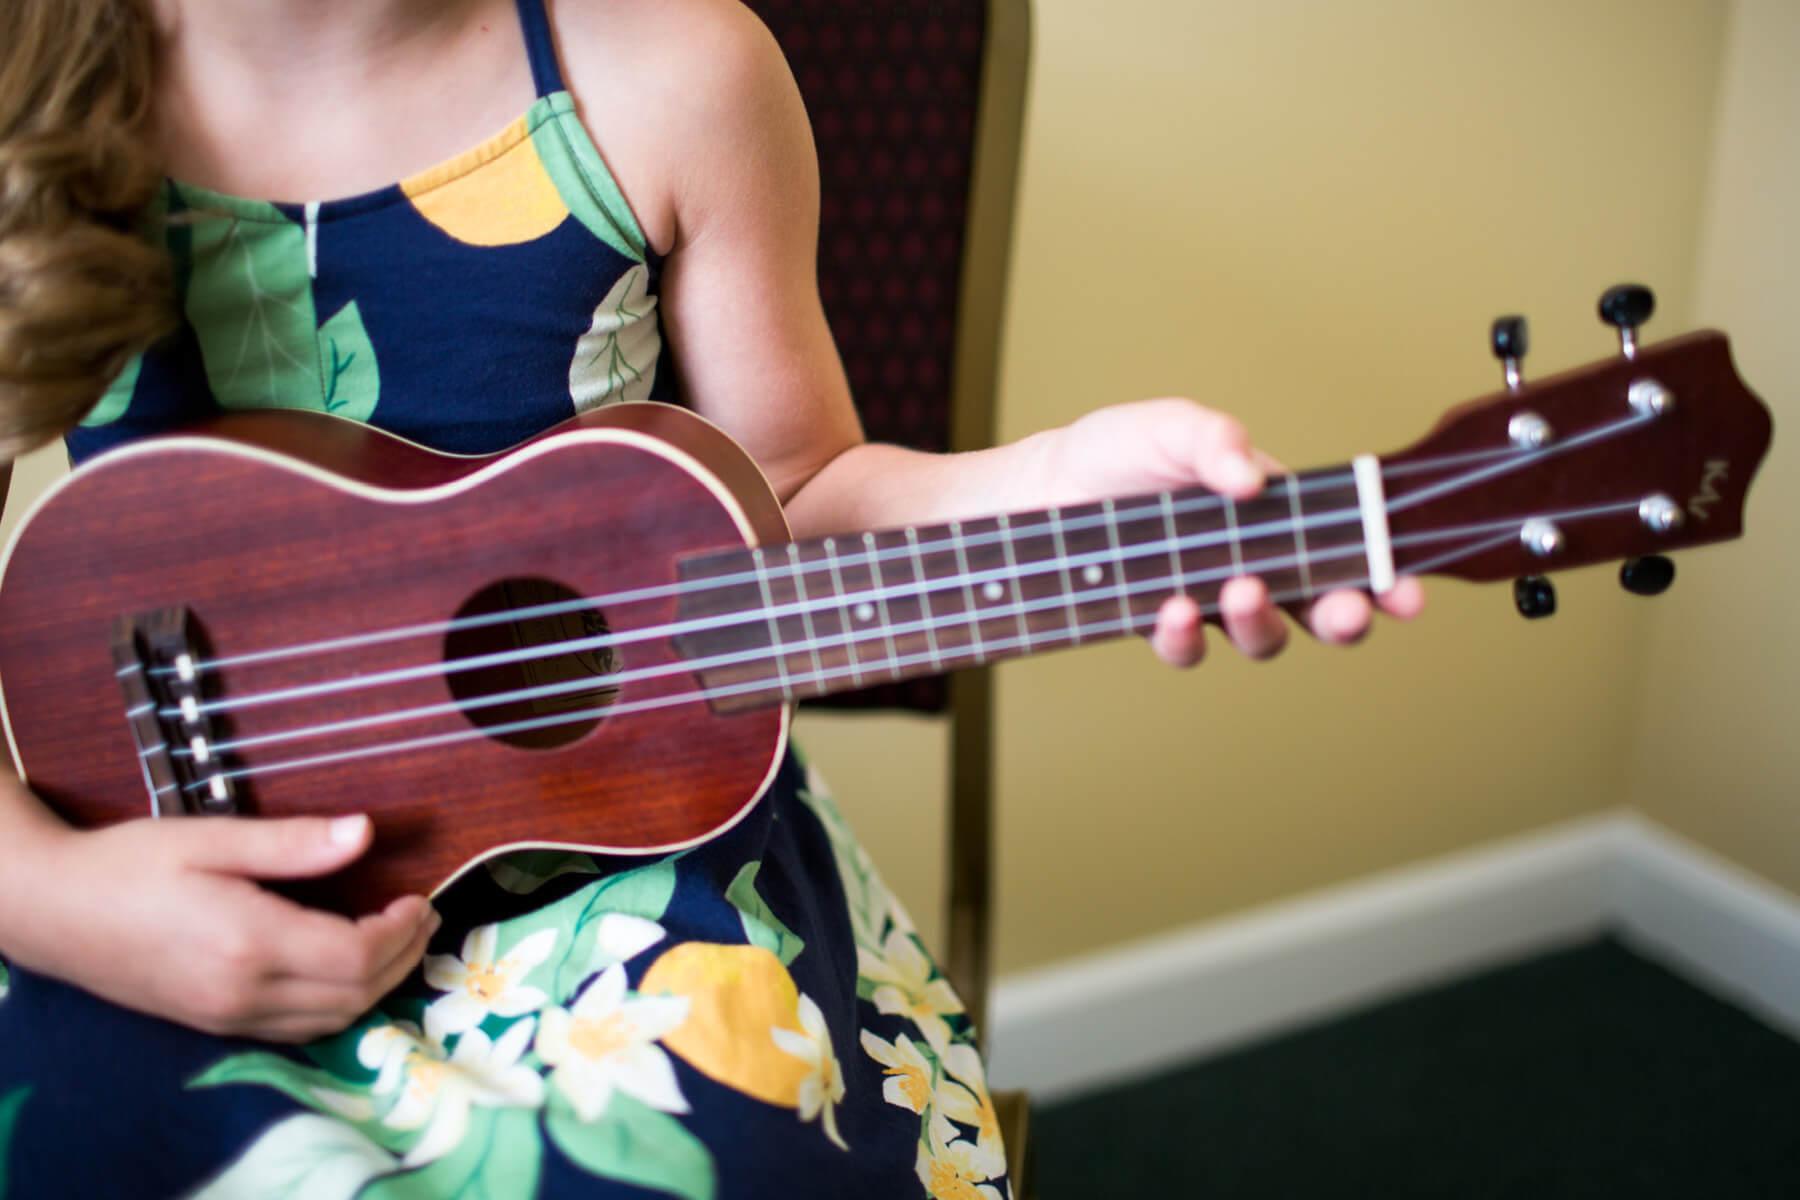 Student plays ukulele, close up shot.